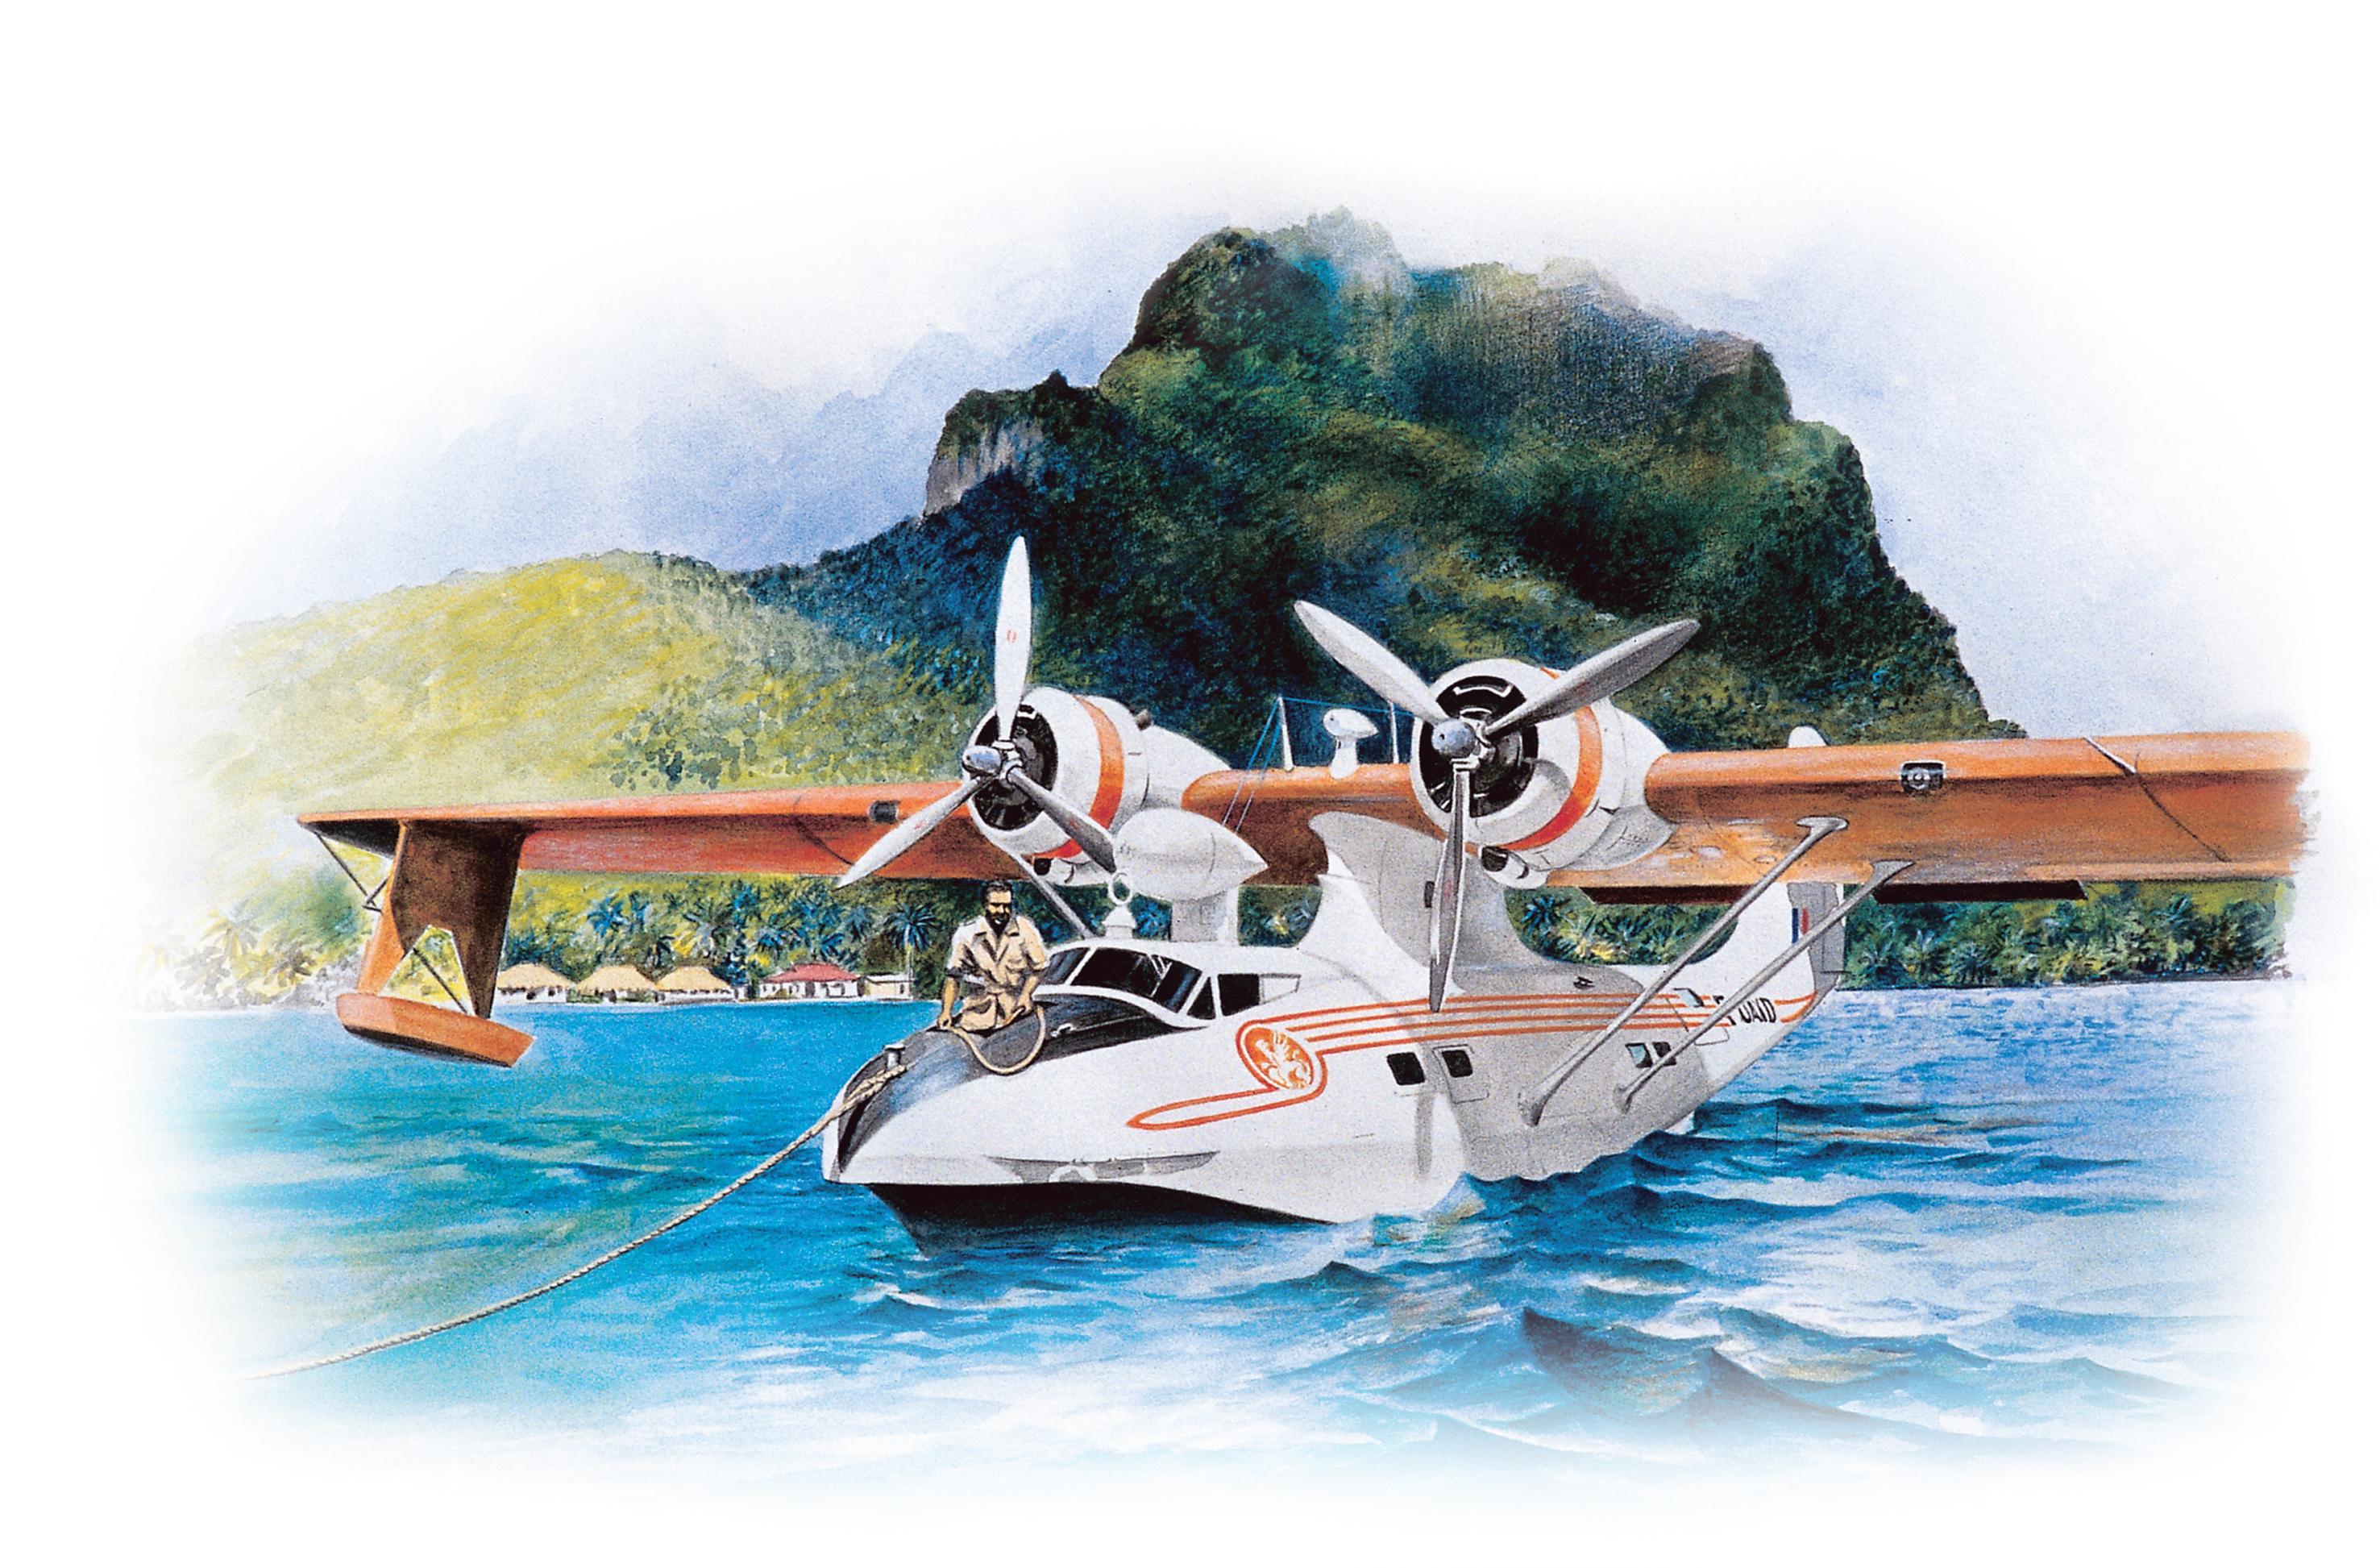 Les Catalina de la Régie, qui desservent d'abord les îles Sous-le-Vent, sont basés sur le motu Tahiri de Faa'a qui deviendra le pivot central du développement du futur Aéroport international tahitien. Dessin Jean-Louis Saquet.